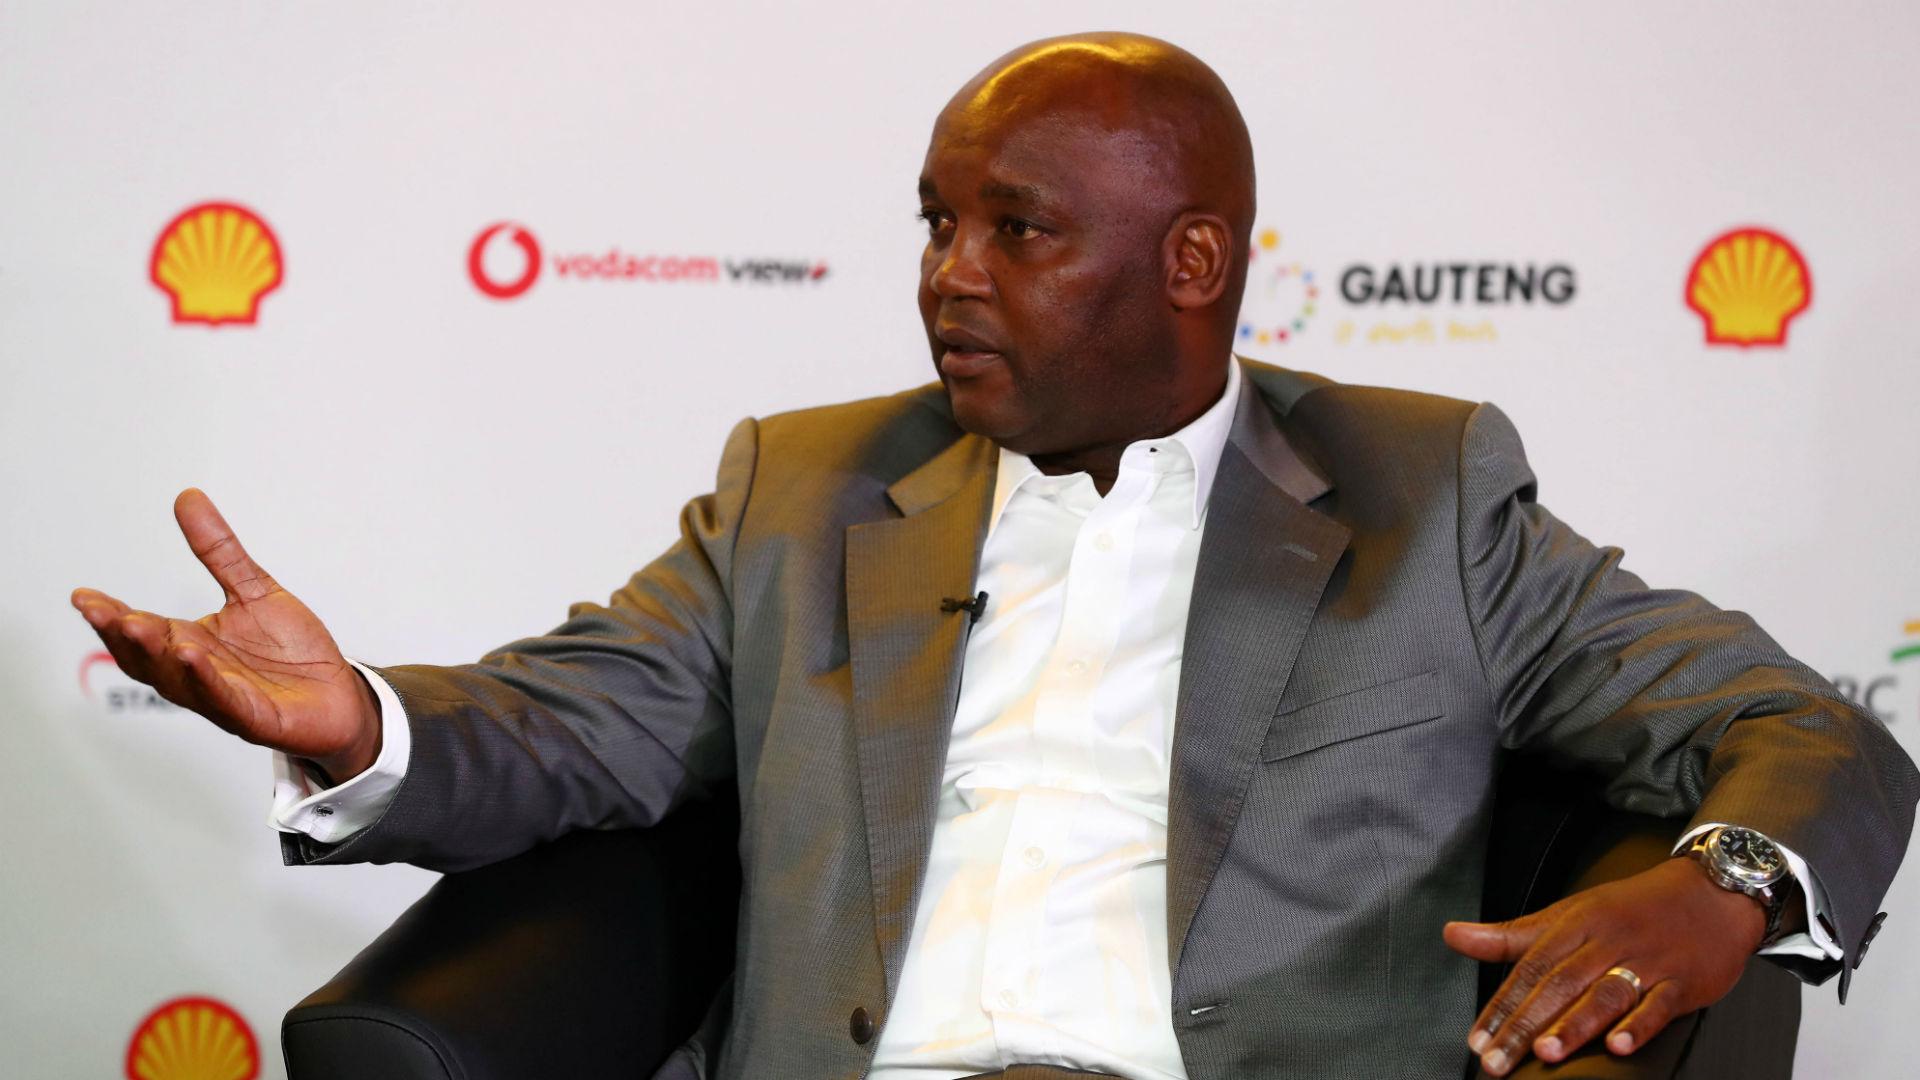 Mamelodi Sundowns coach Pitso Mosimane, May 2018